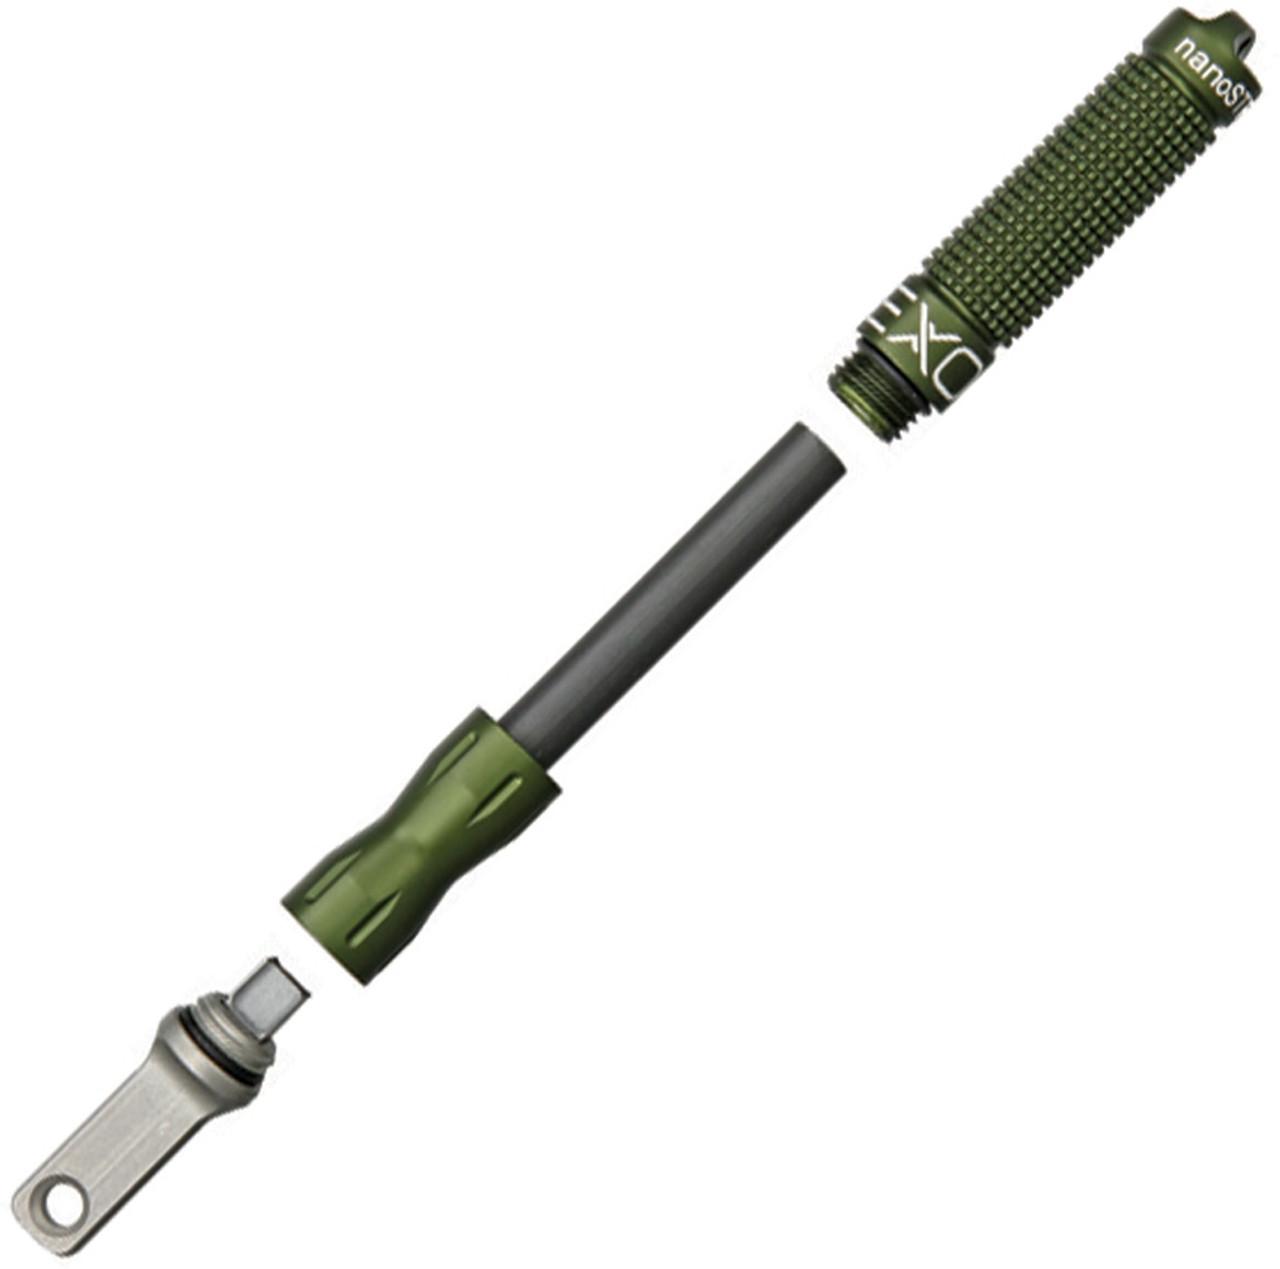 Exotac nanoSTRIKER XL Firestarter - OD Green